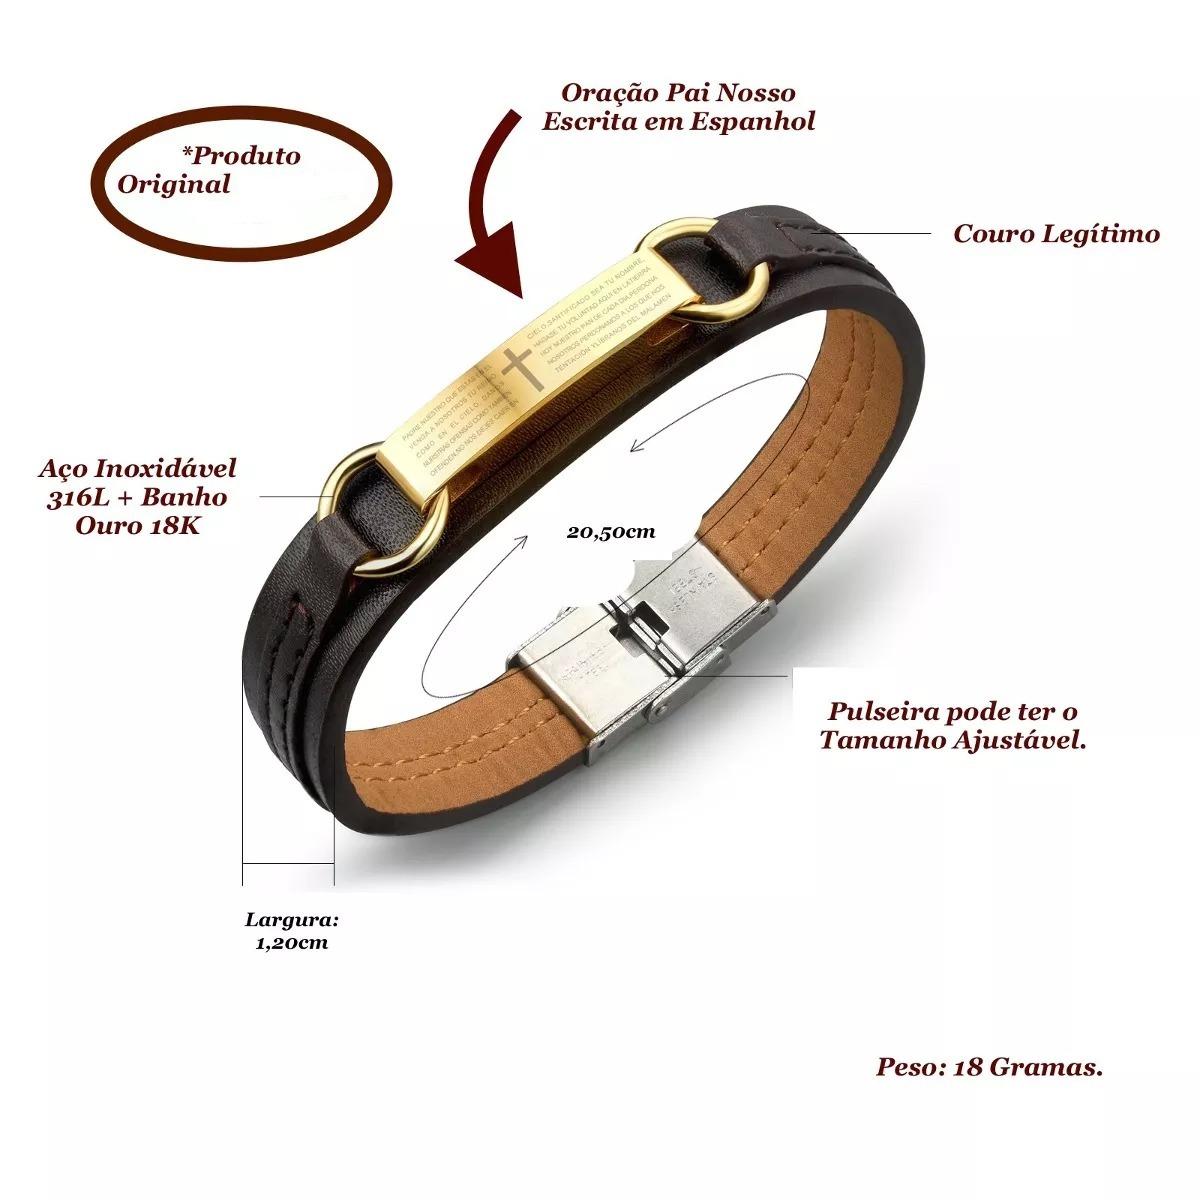 cbf56c280 pulseira bracelete masculino couro oração pai nosso · pulseira bracelete  couro. Carregando zoom.